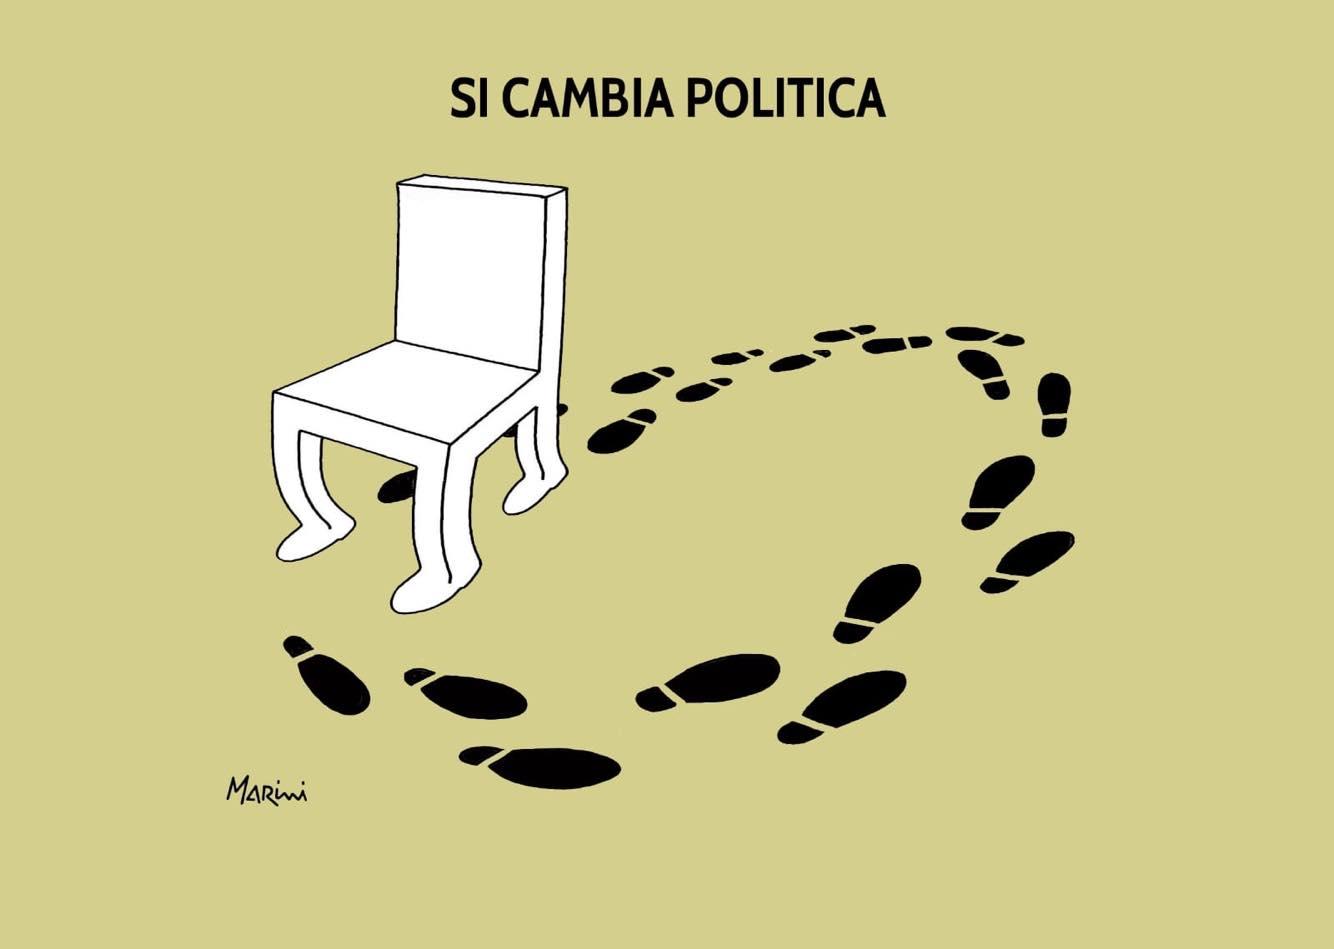 marini politica crisi governo